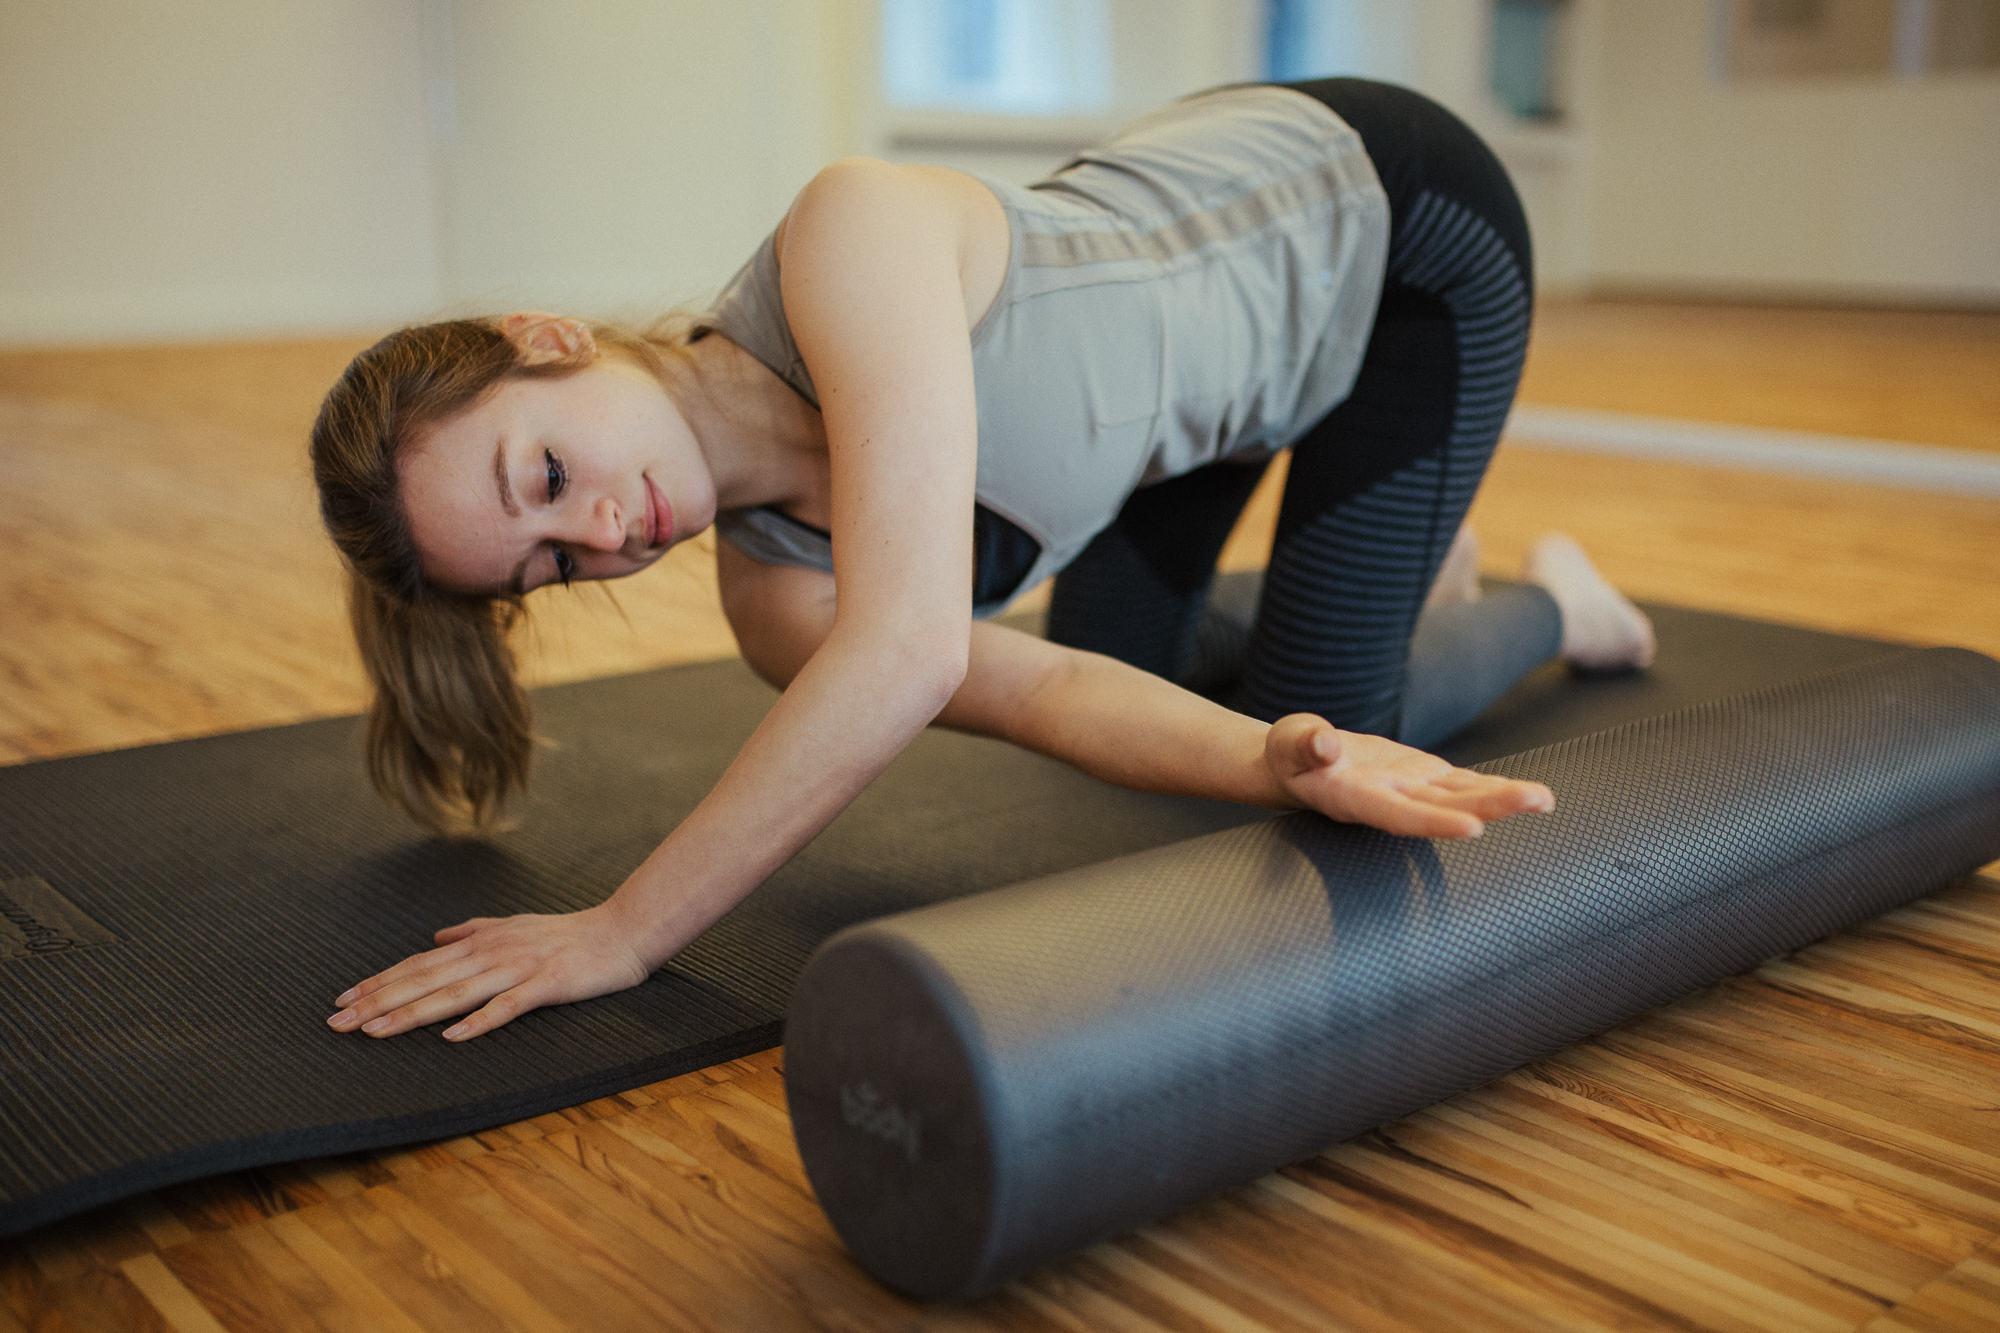 Frau trainiert mit Pilates Rolle